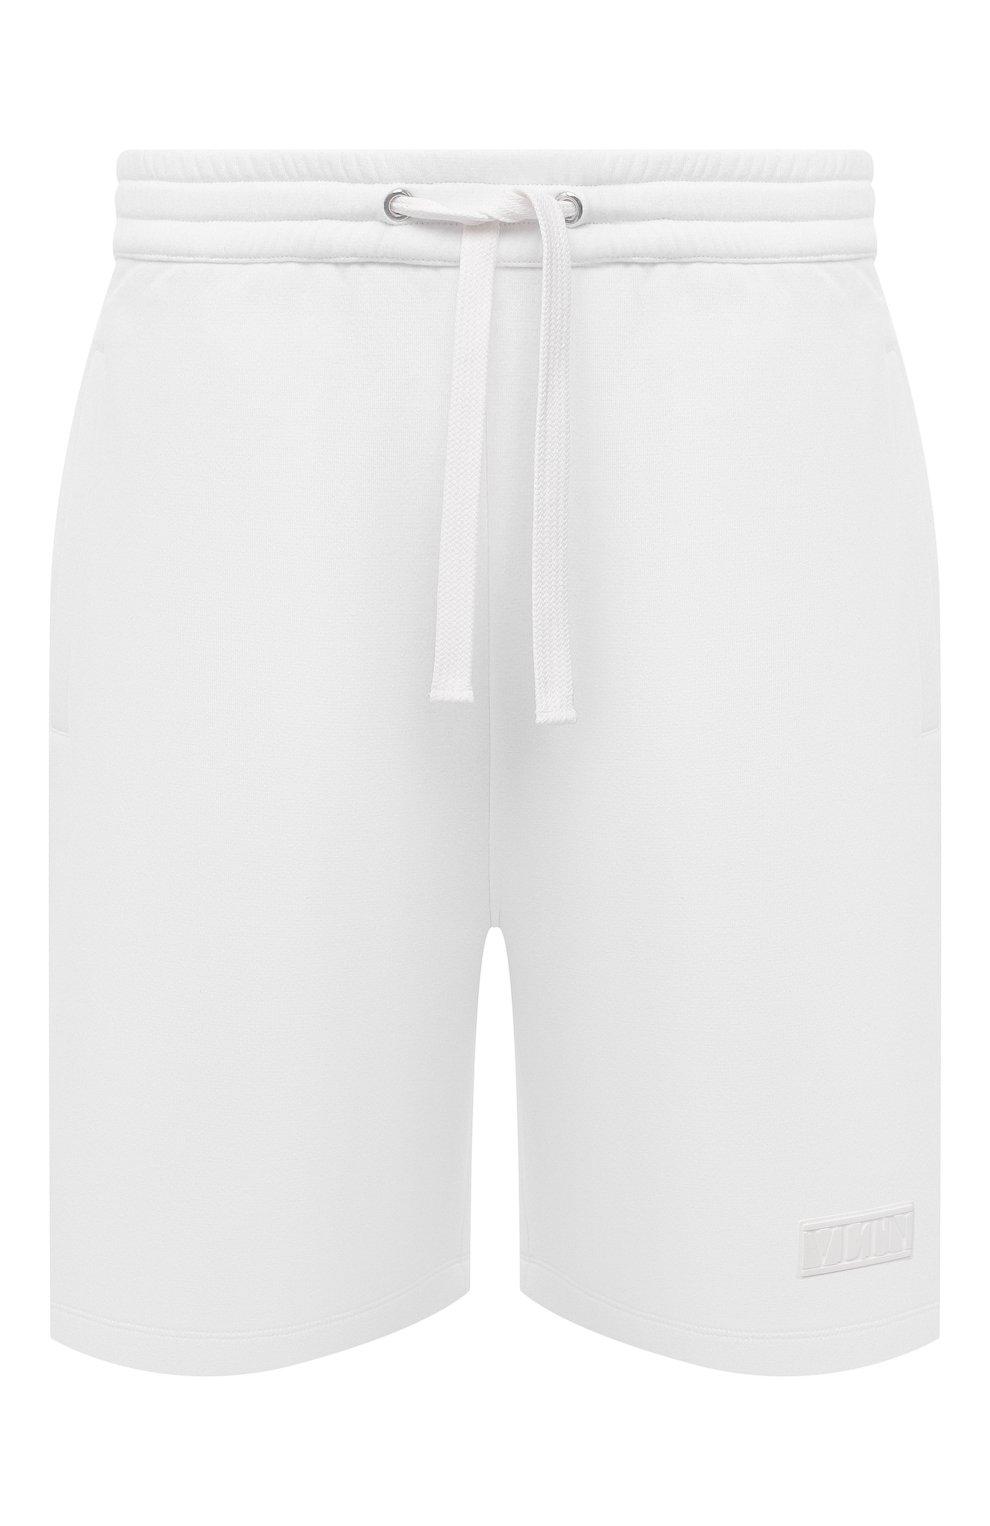 Мужские хлопковые шорты VALENTINO белого цвета, арт. WV3MD02D7FH | Фото 1 (Принт: Без принта; Длина Шорты М: Ниже колена; Кросс-КТ: Трикотаж; Материал внешний: Хлопок; Стили: Спорт-шик)